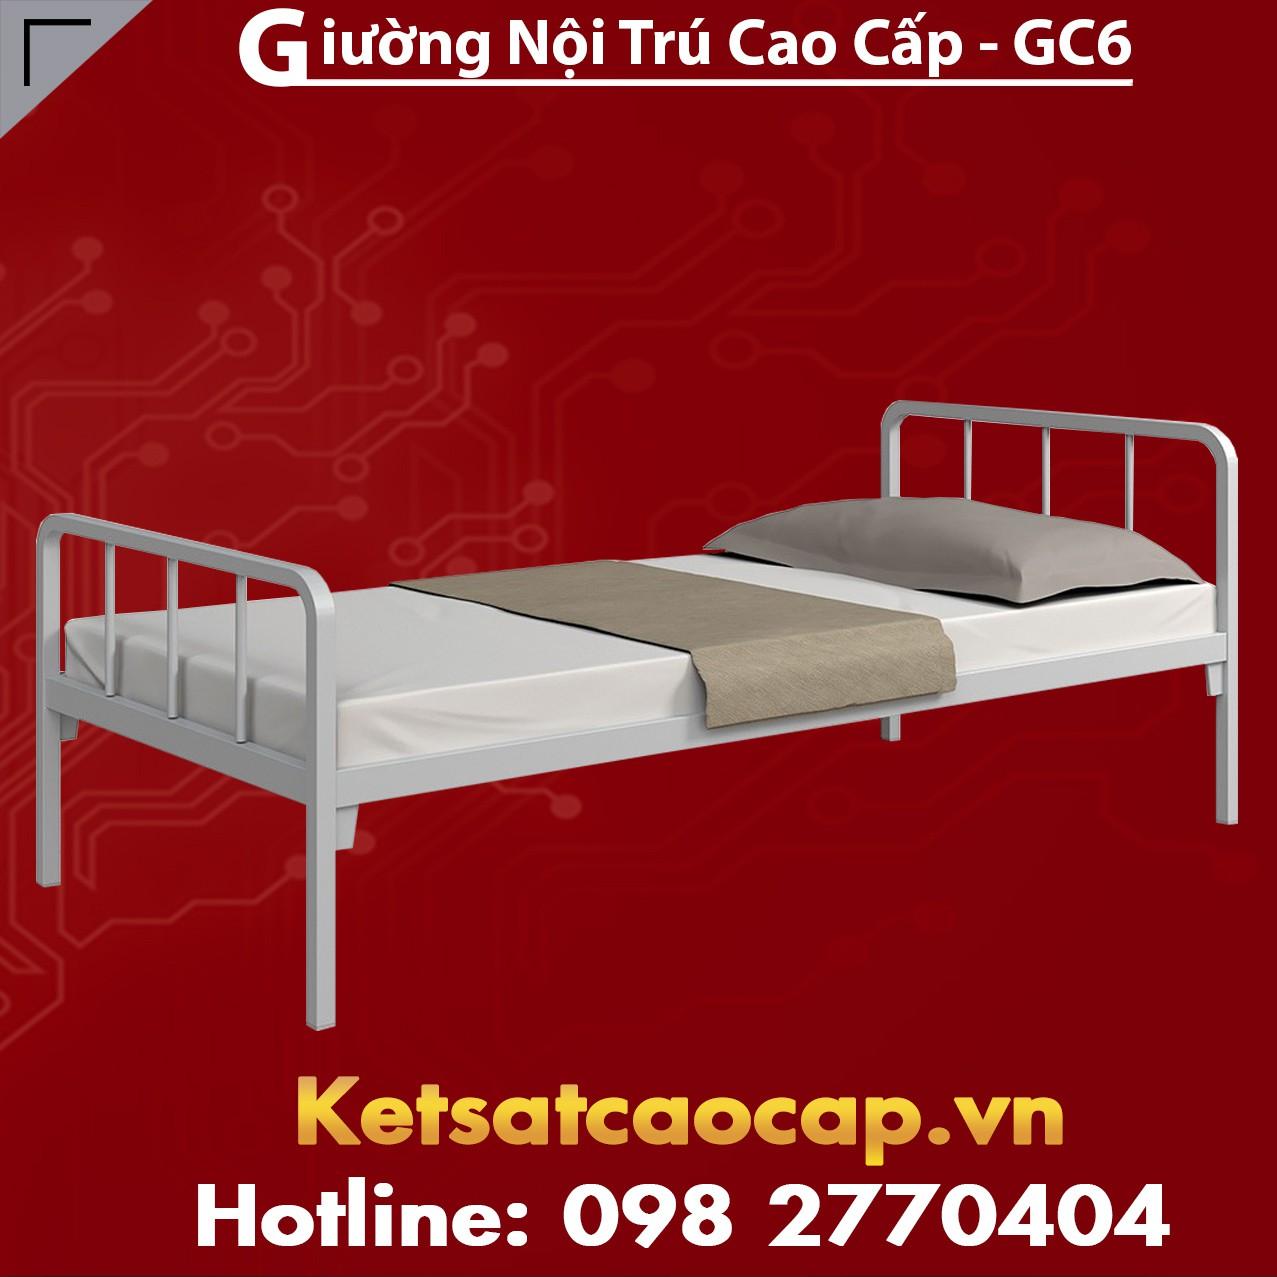 Giường Nội Trú Cao Cấp - GC6